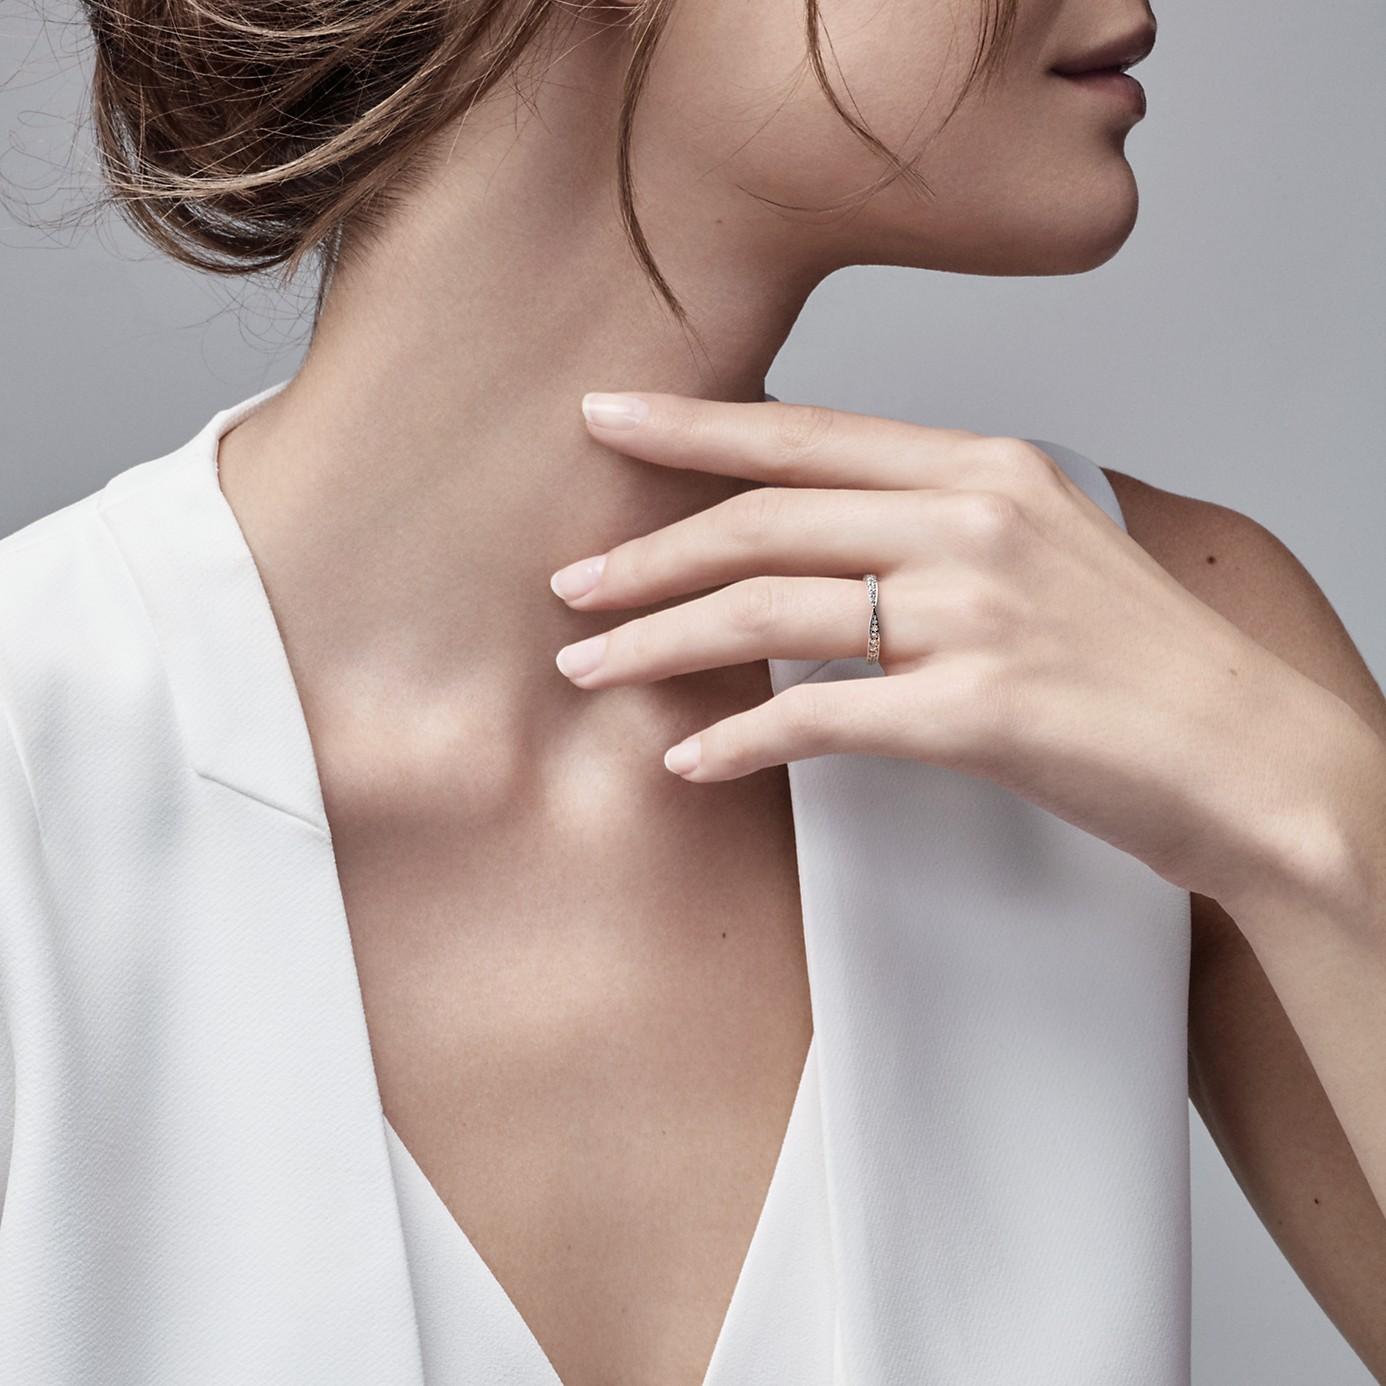 ティファニー ハーモニー ビーズ セット ダイヤモンド リング(2)―Tiffany & Co.(ティファニー)